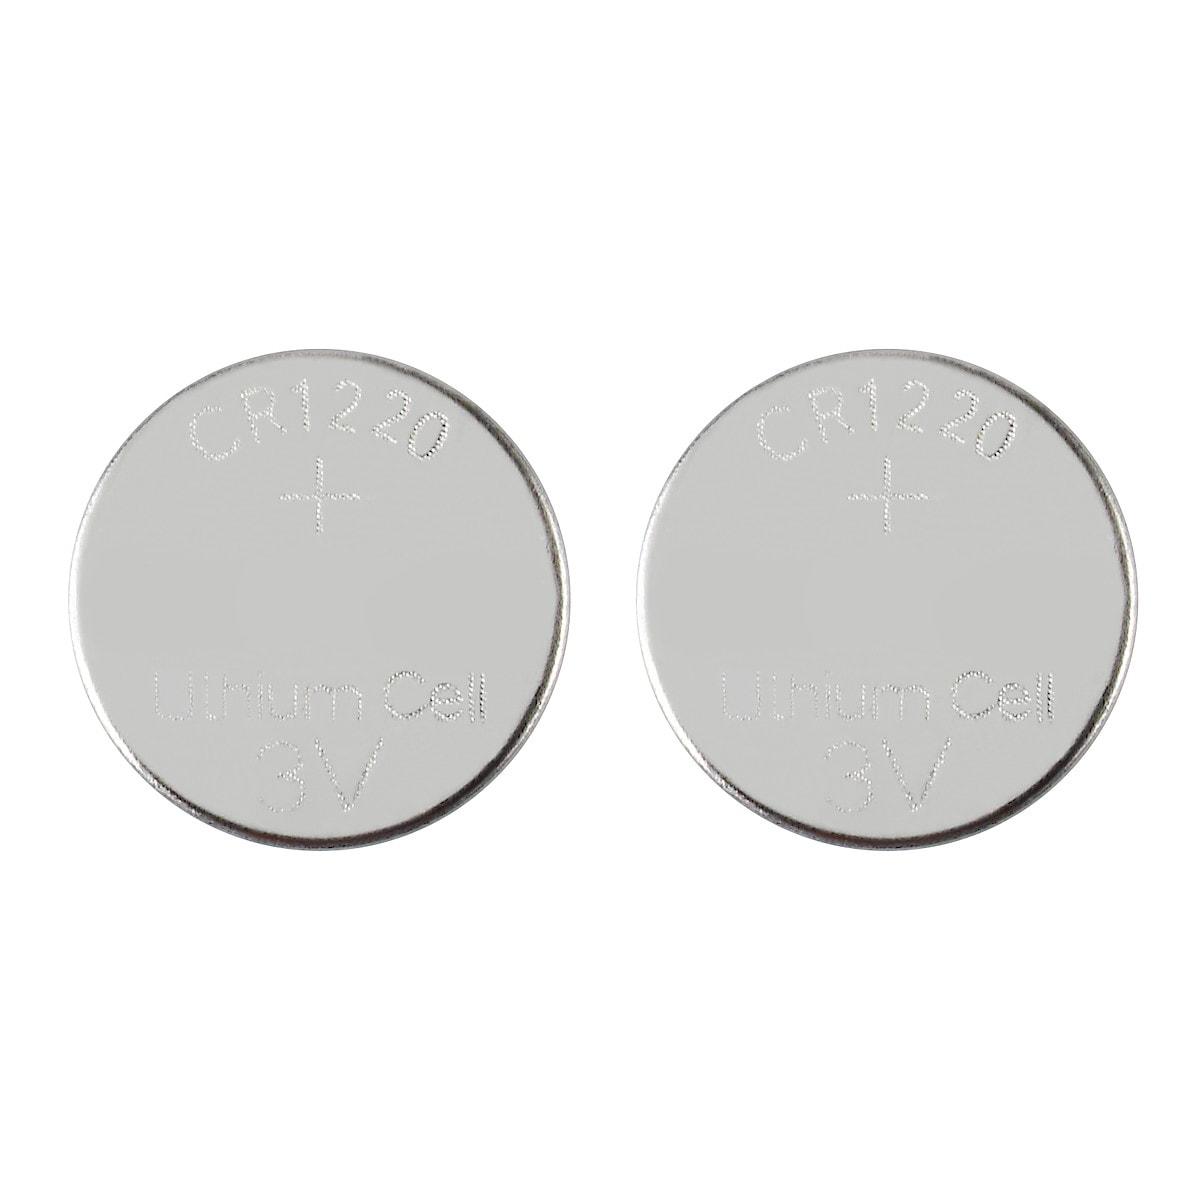 Knappcellsbatterier CR1220 2-pack